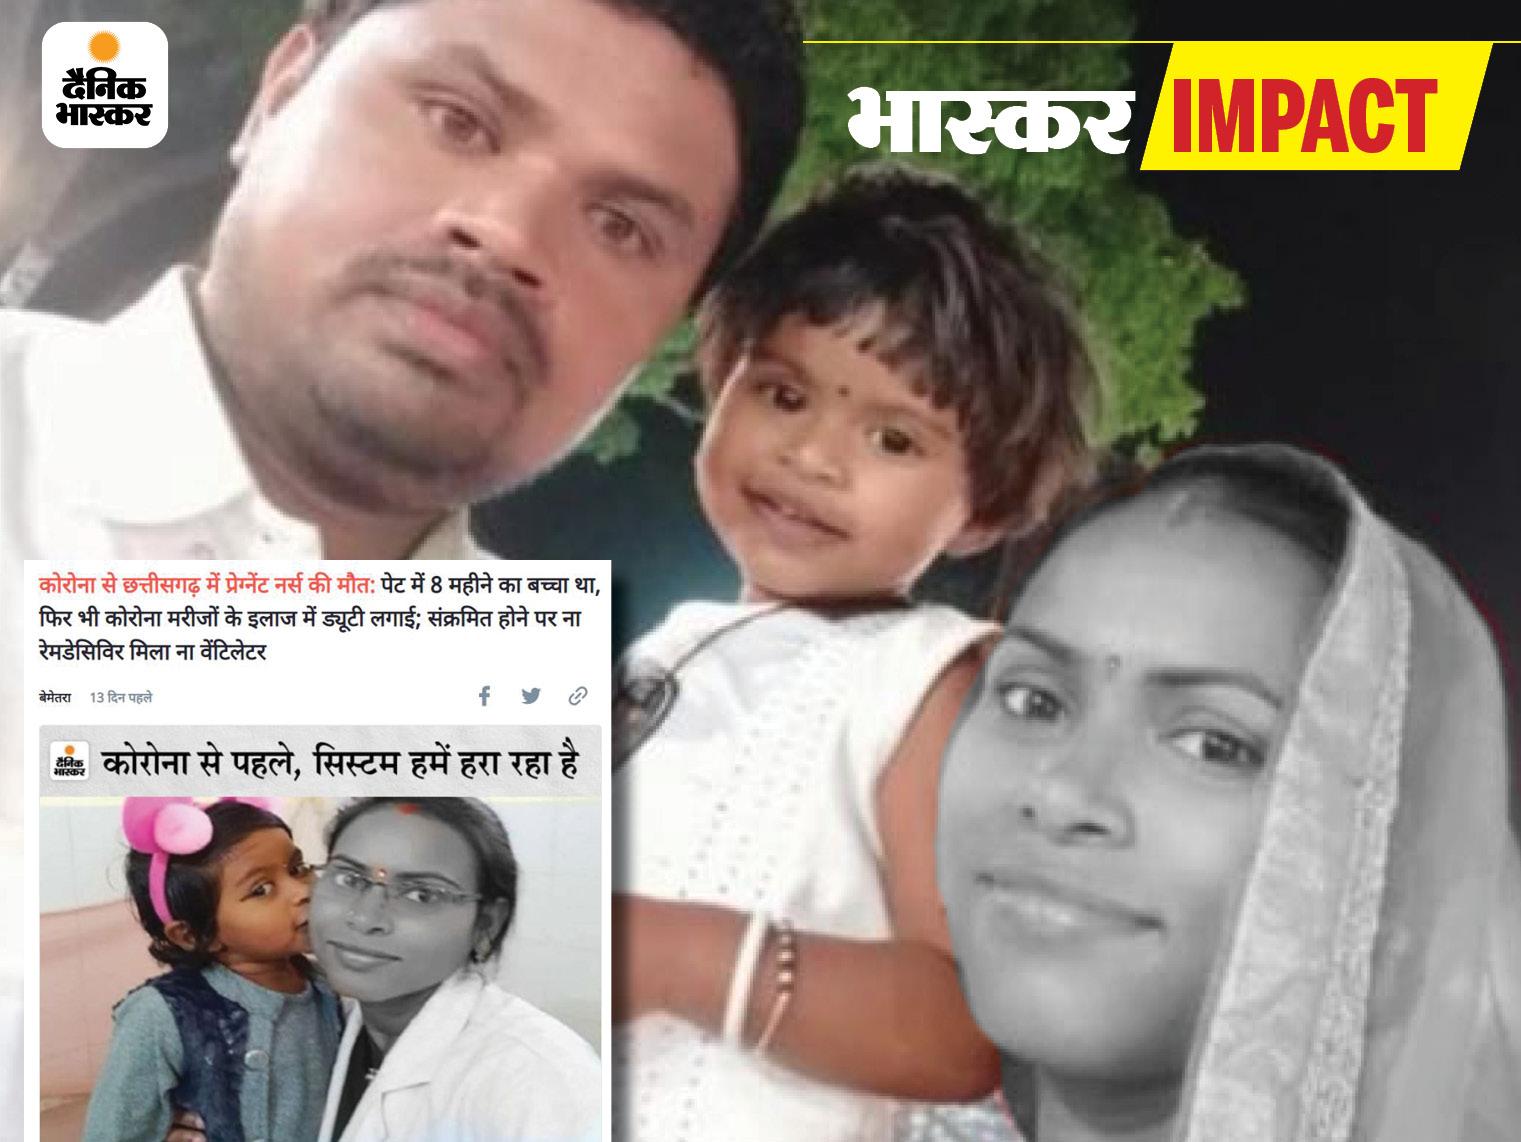 18 दिन पहले हुई थी कोरोना से मौत, बेमेतरा कलेक्टर ने 7 दिन के अंदर SDM साजा को रिपोर्ट सौंपने के दिए आदेश|बेमेतरा,Bemetara - Dainik Bhaskar